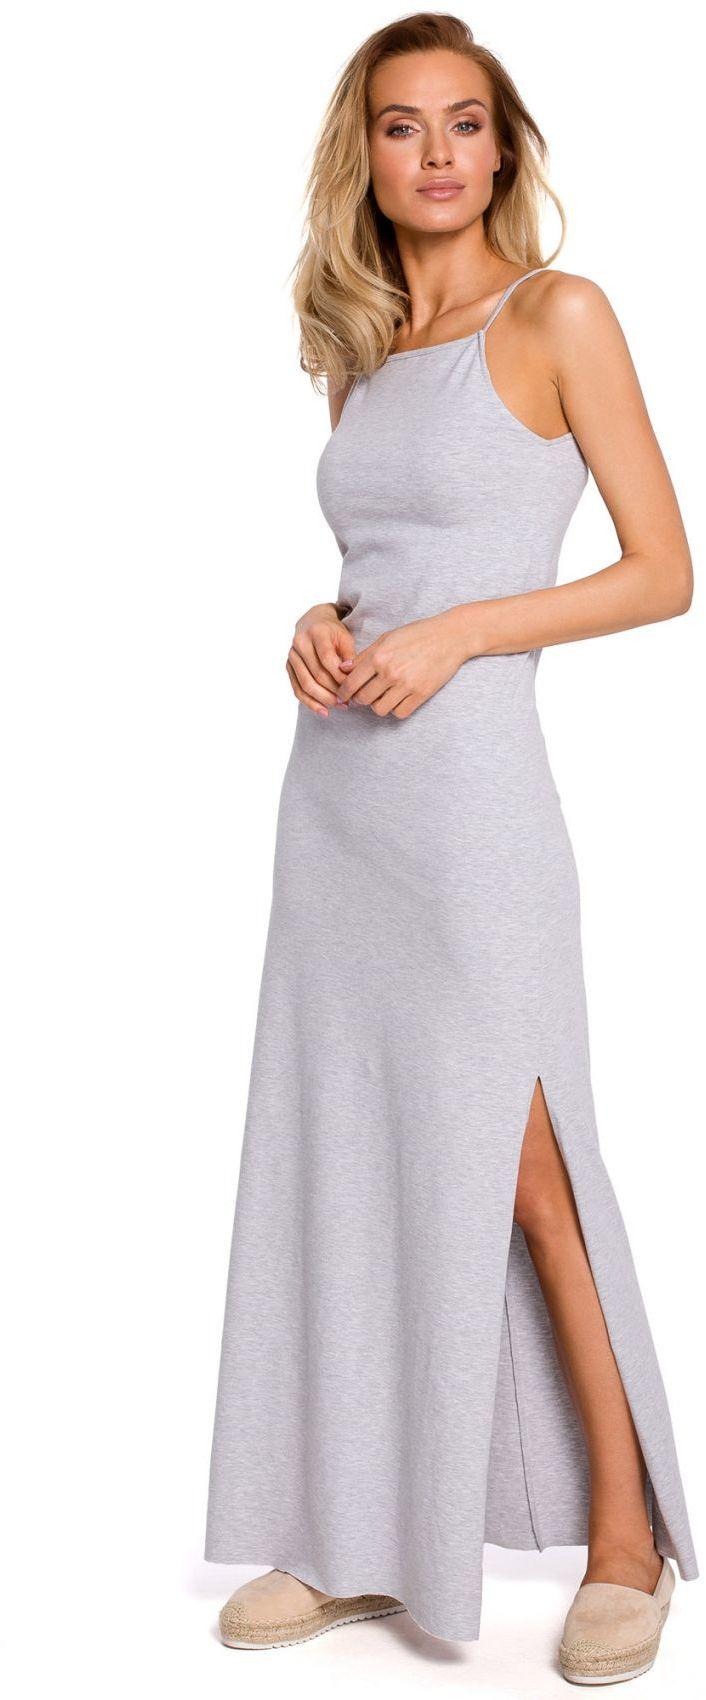 M432 Bawełniana sukienka maxi na ramiączkach - szara